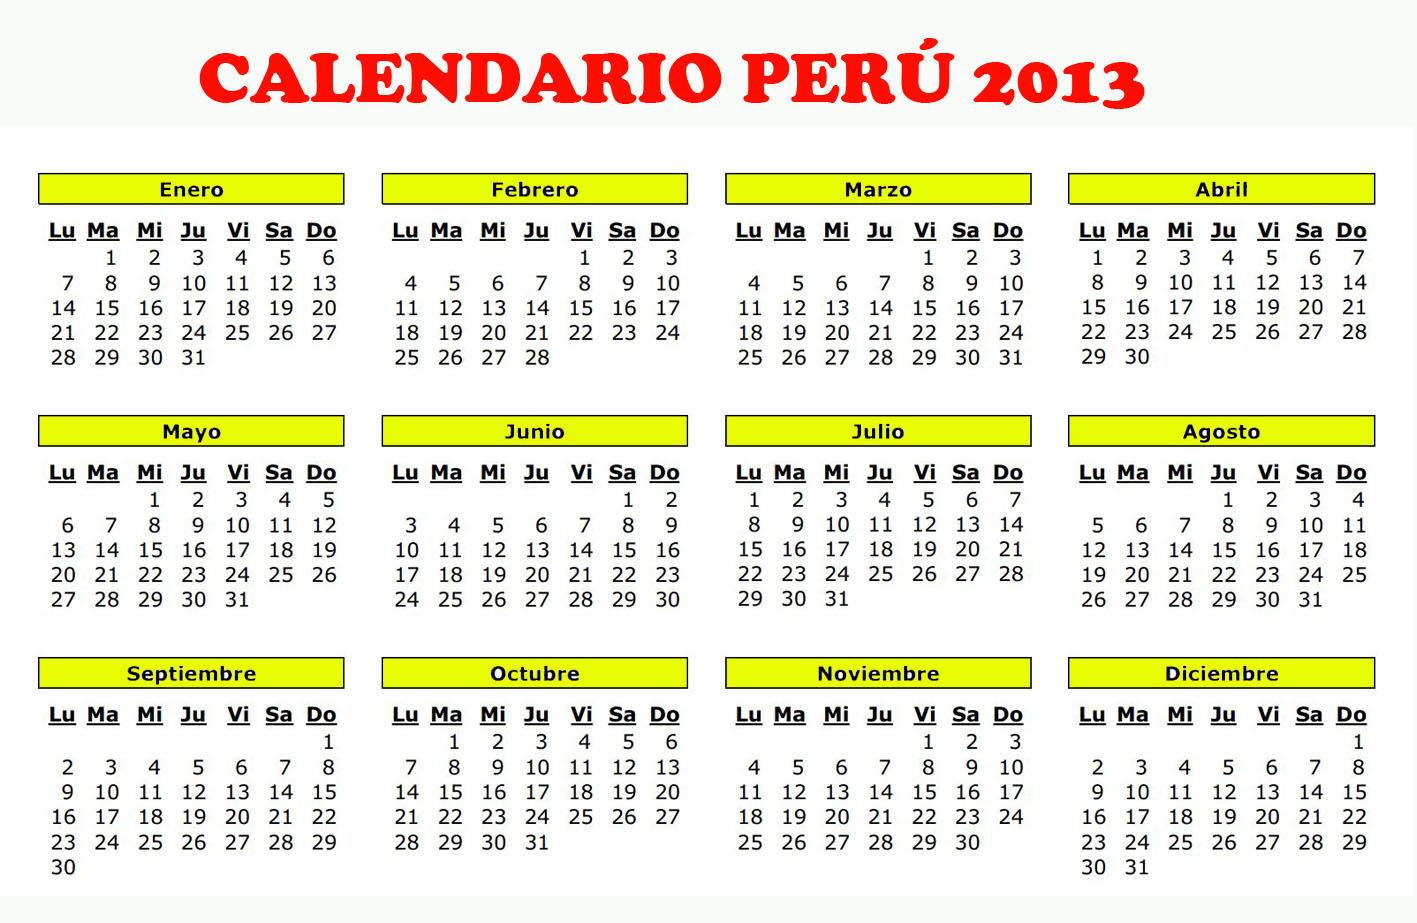 Los trabajadores del sector público tendrán el próximo año 2013 ...